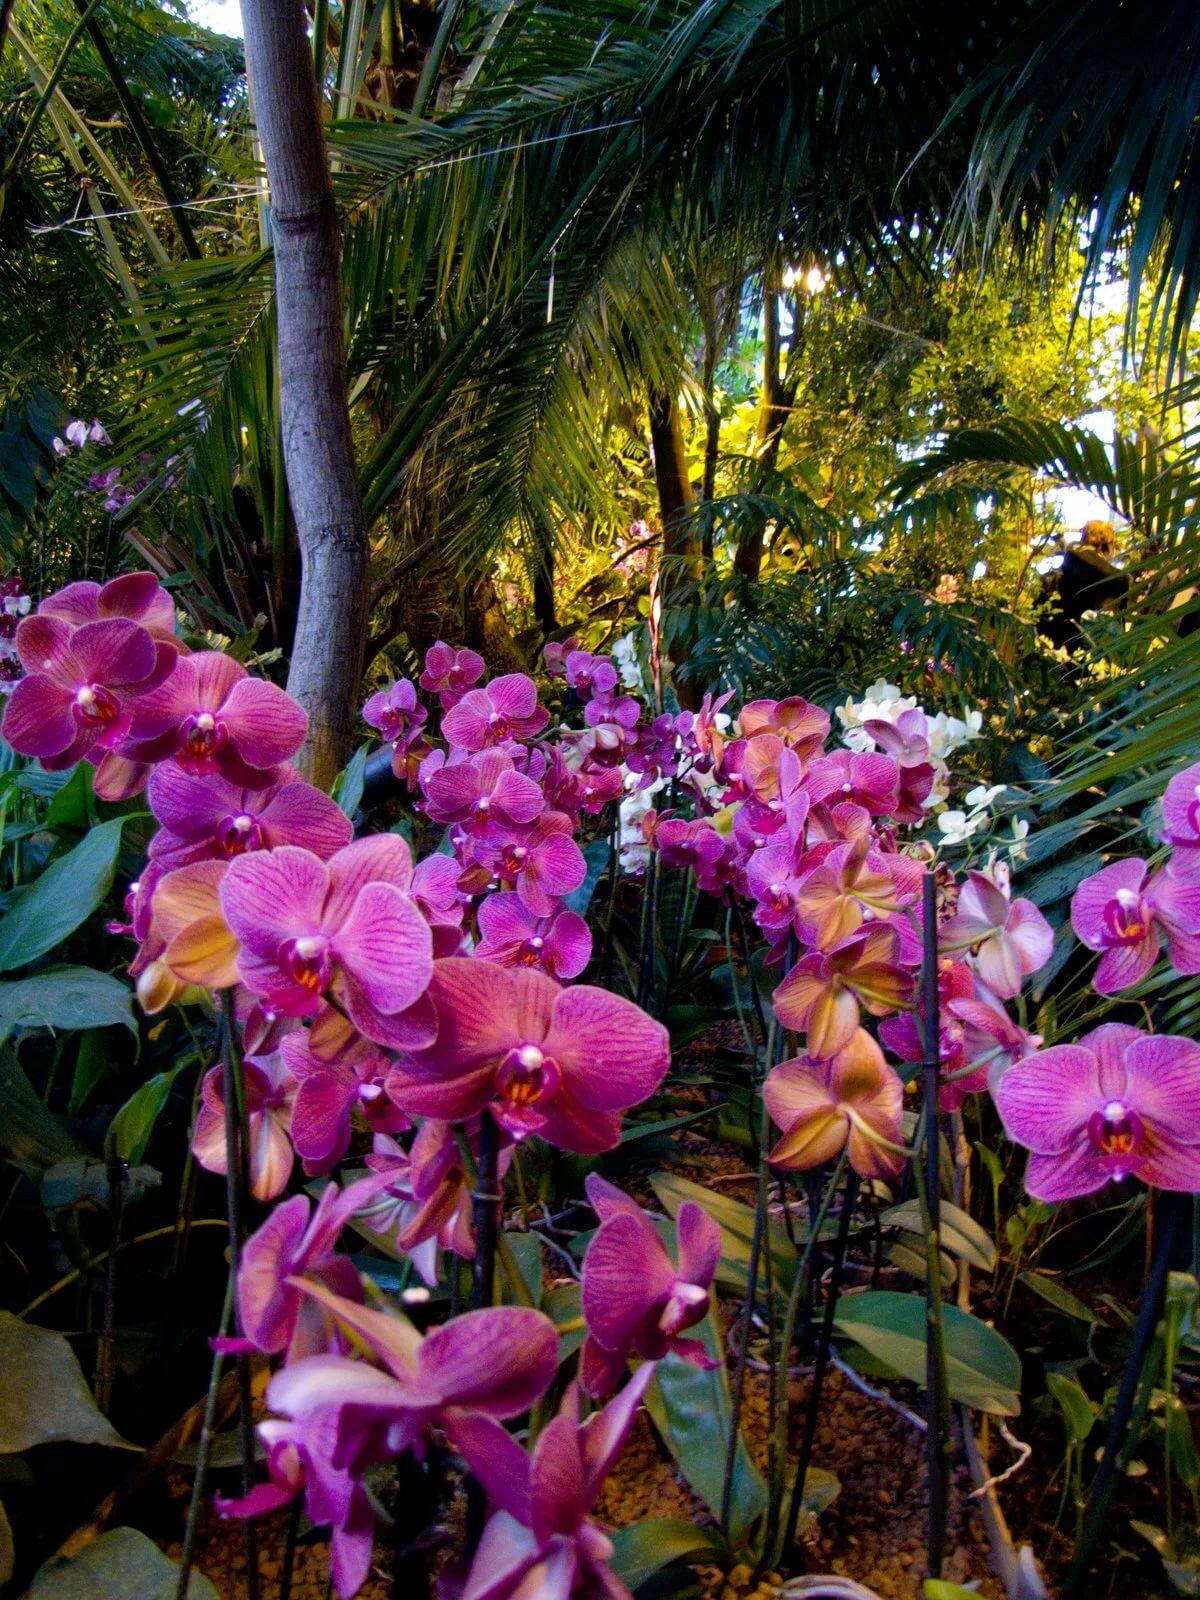 натяжной орхидеи в естественных условиях фото изделие